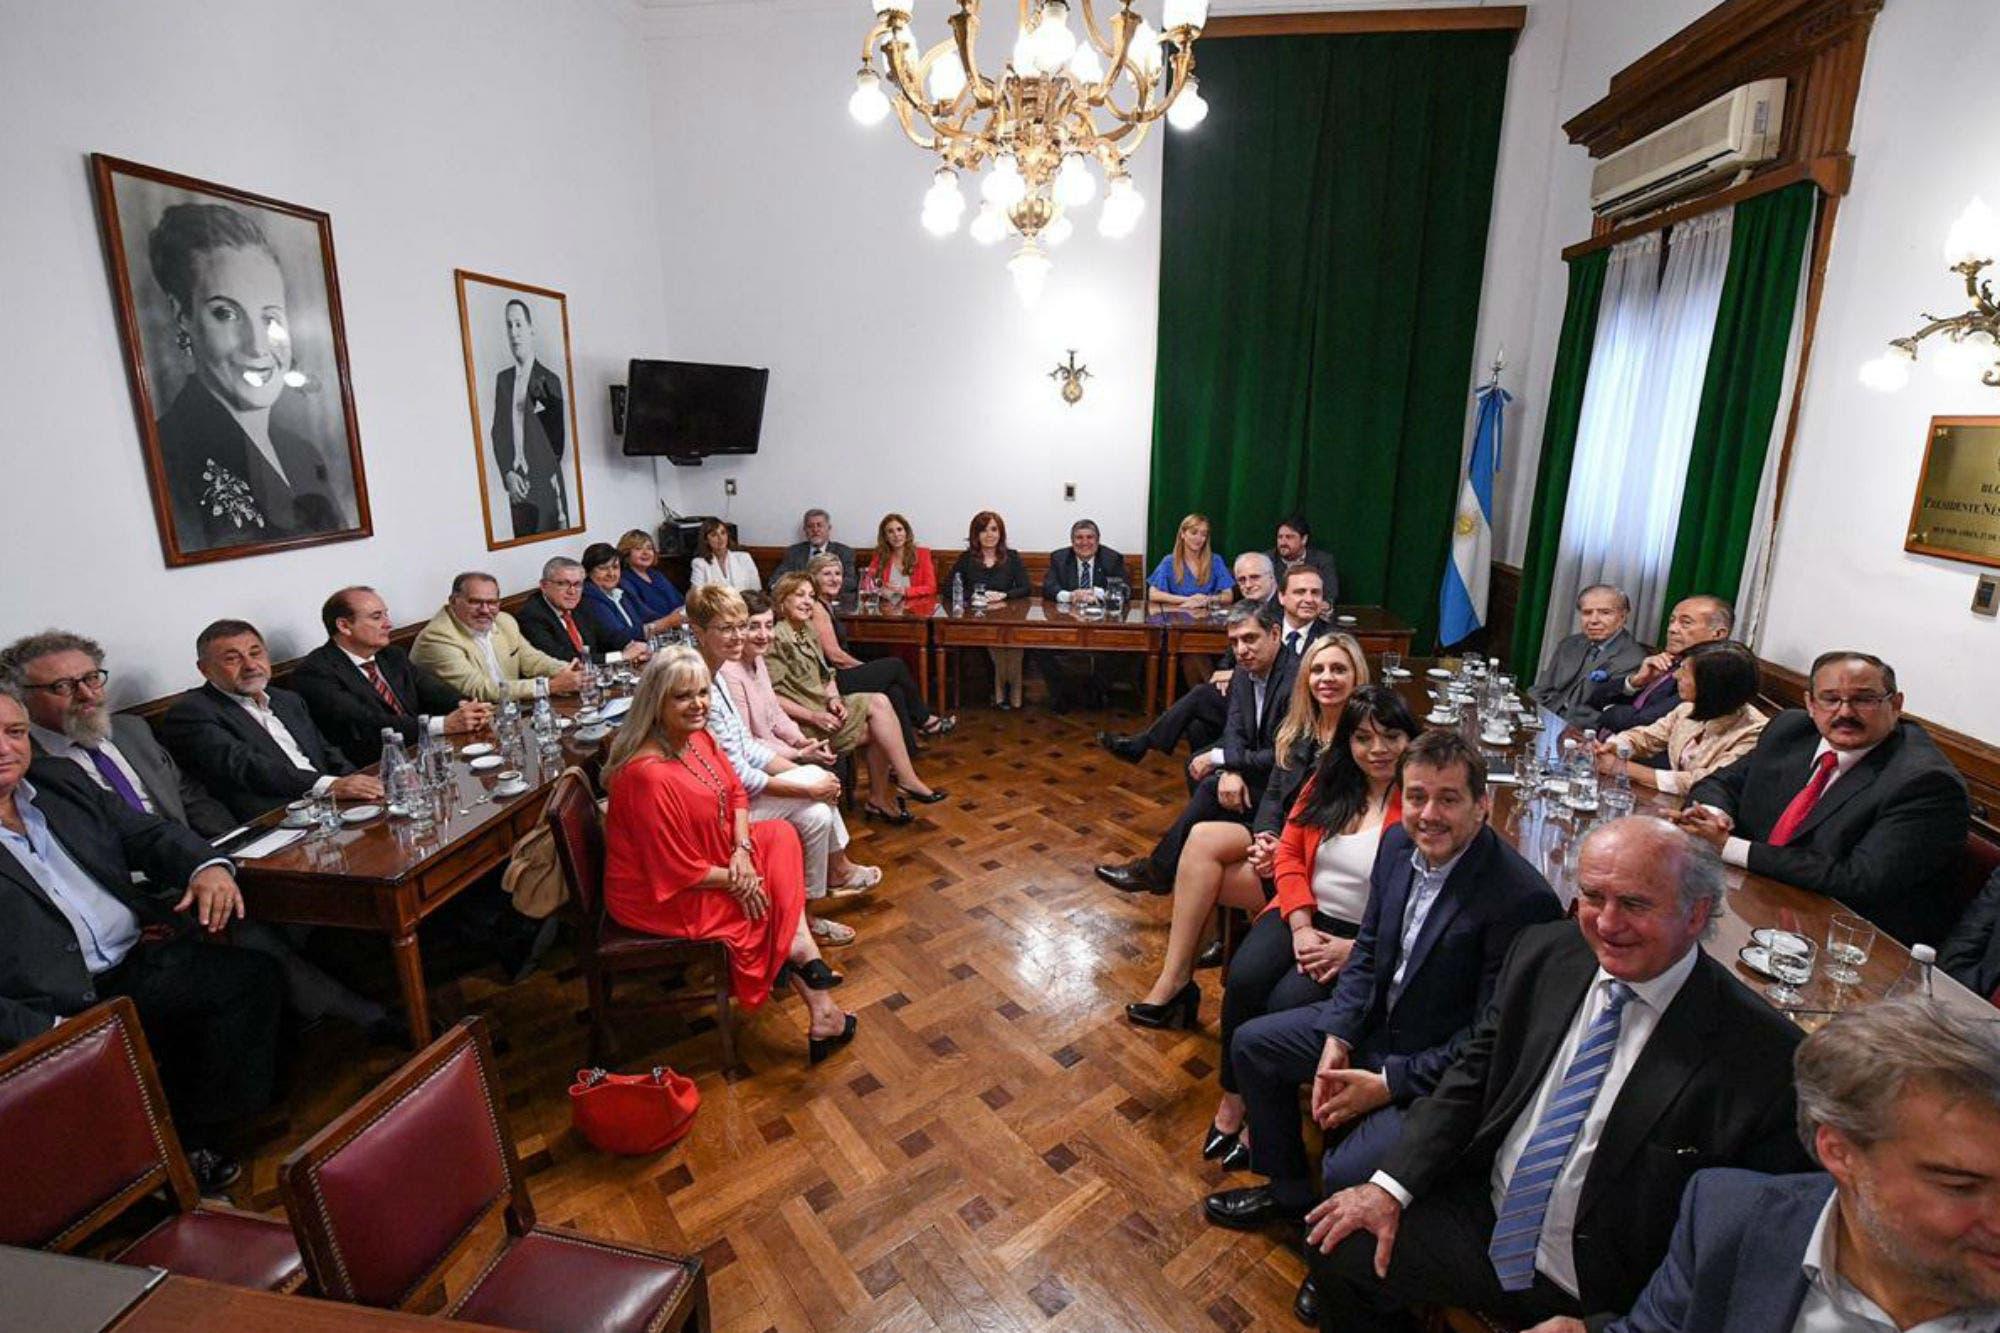 Con Carlos Menem y Adolfo Rodríguez Saá, Cristina Kirchner arma un bloque de 42 senadores